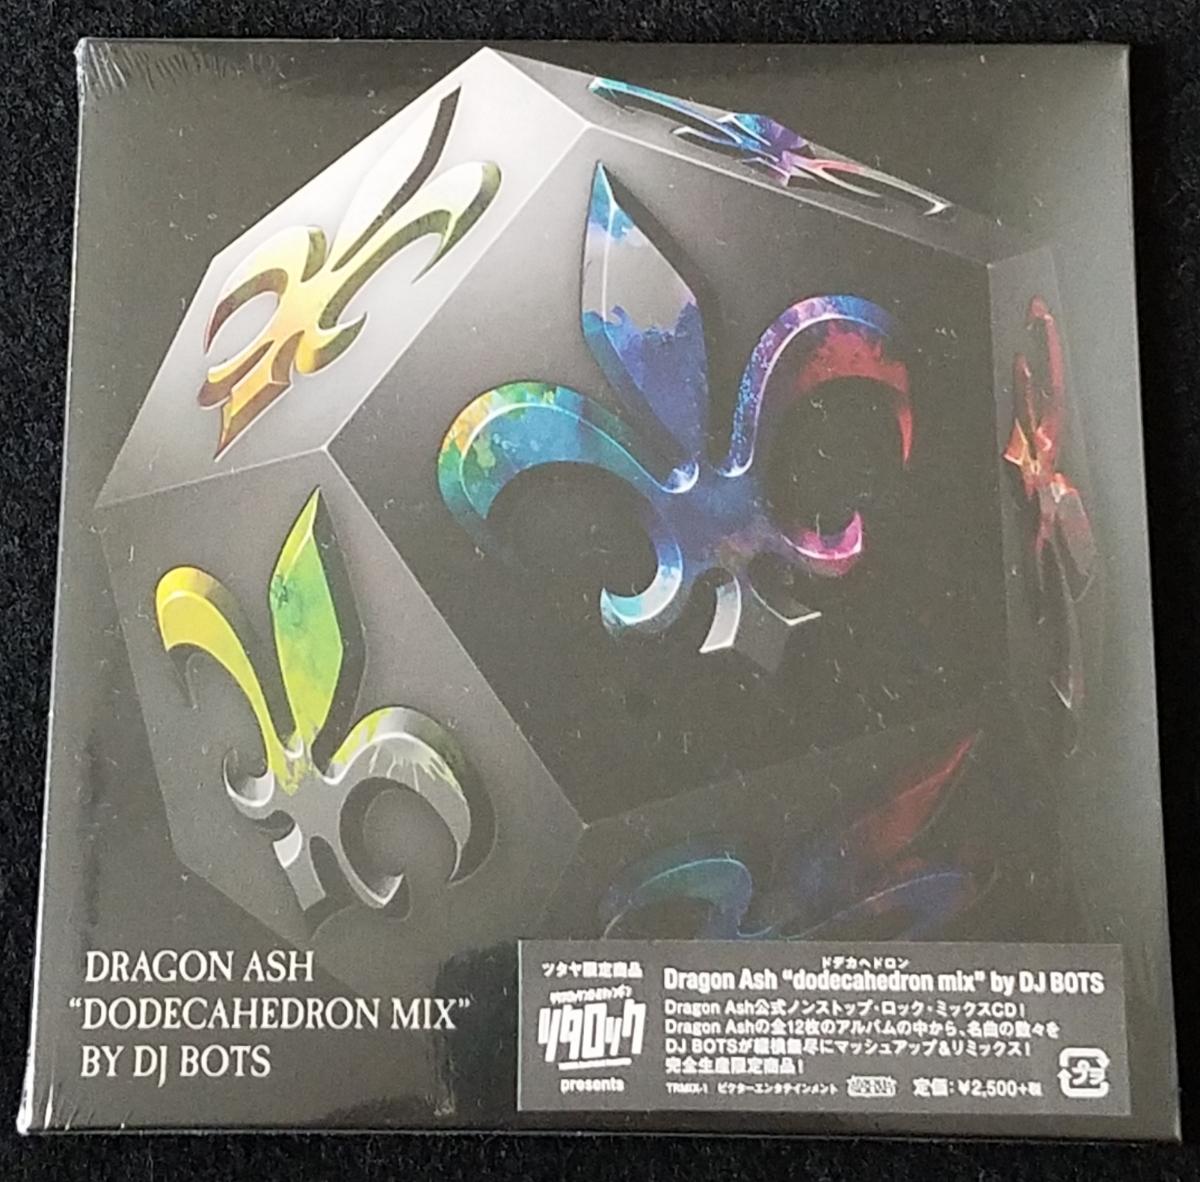 【新品 即決】 Dragon Ash / dodecahedron mix by DJ BOTS 完全限定生産盤 TSUTAYA 限定盤 CD ドラゴン・アッシュ Kj 降谷建志 ツタヤ_画像1